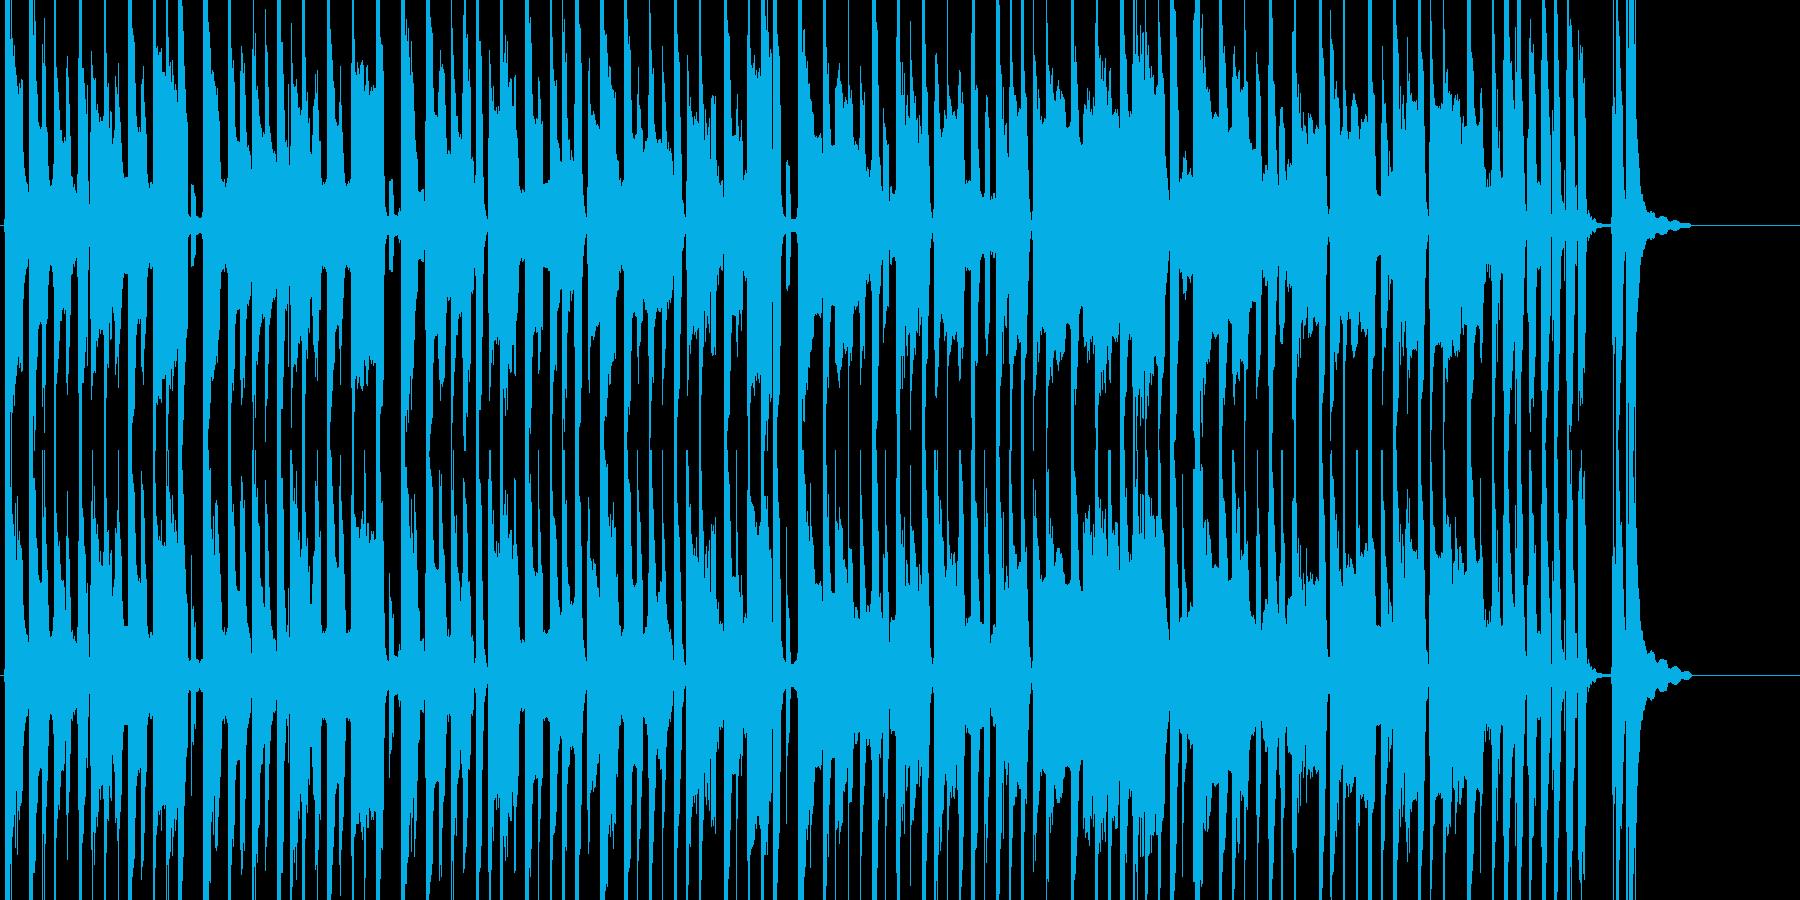 リコーダー ポップ へなちょこの再生済みの波形